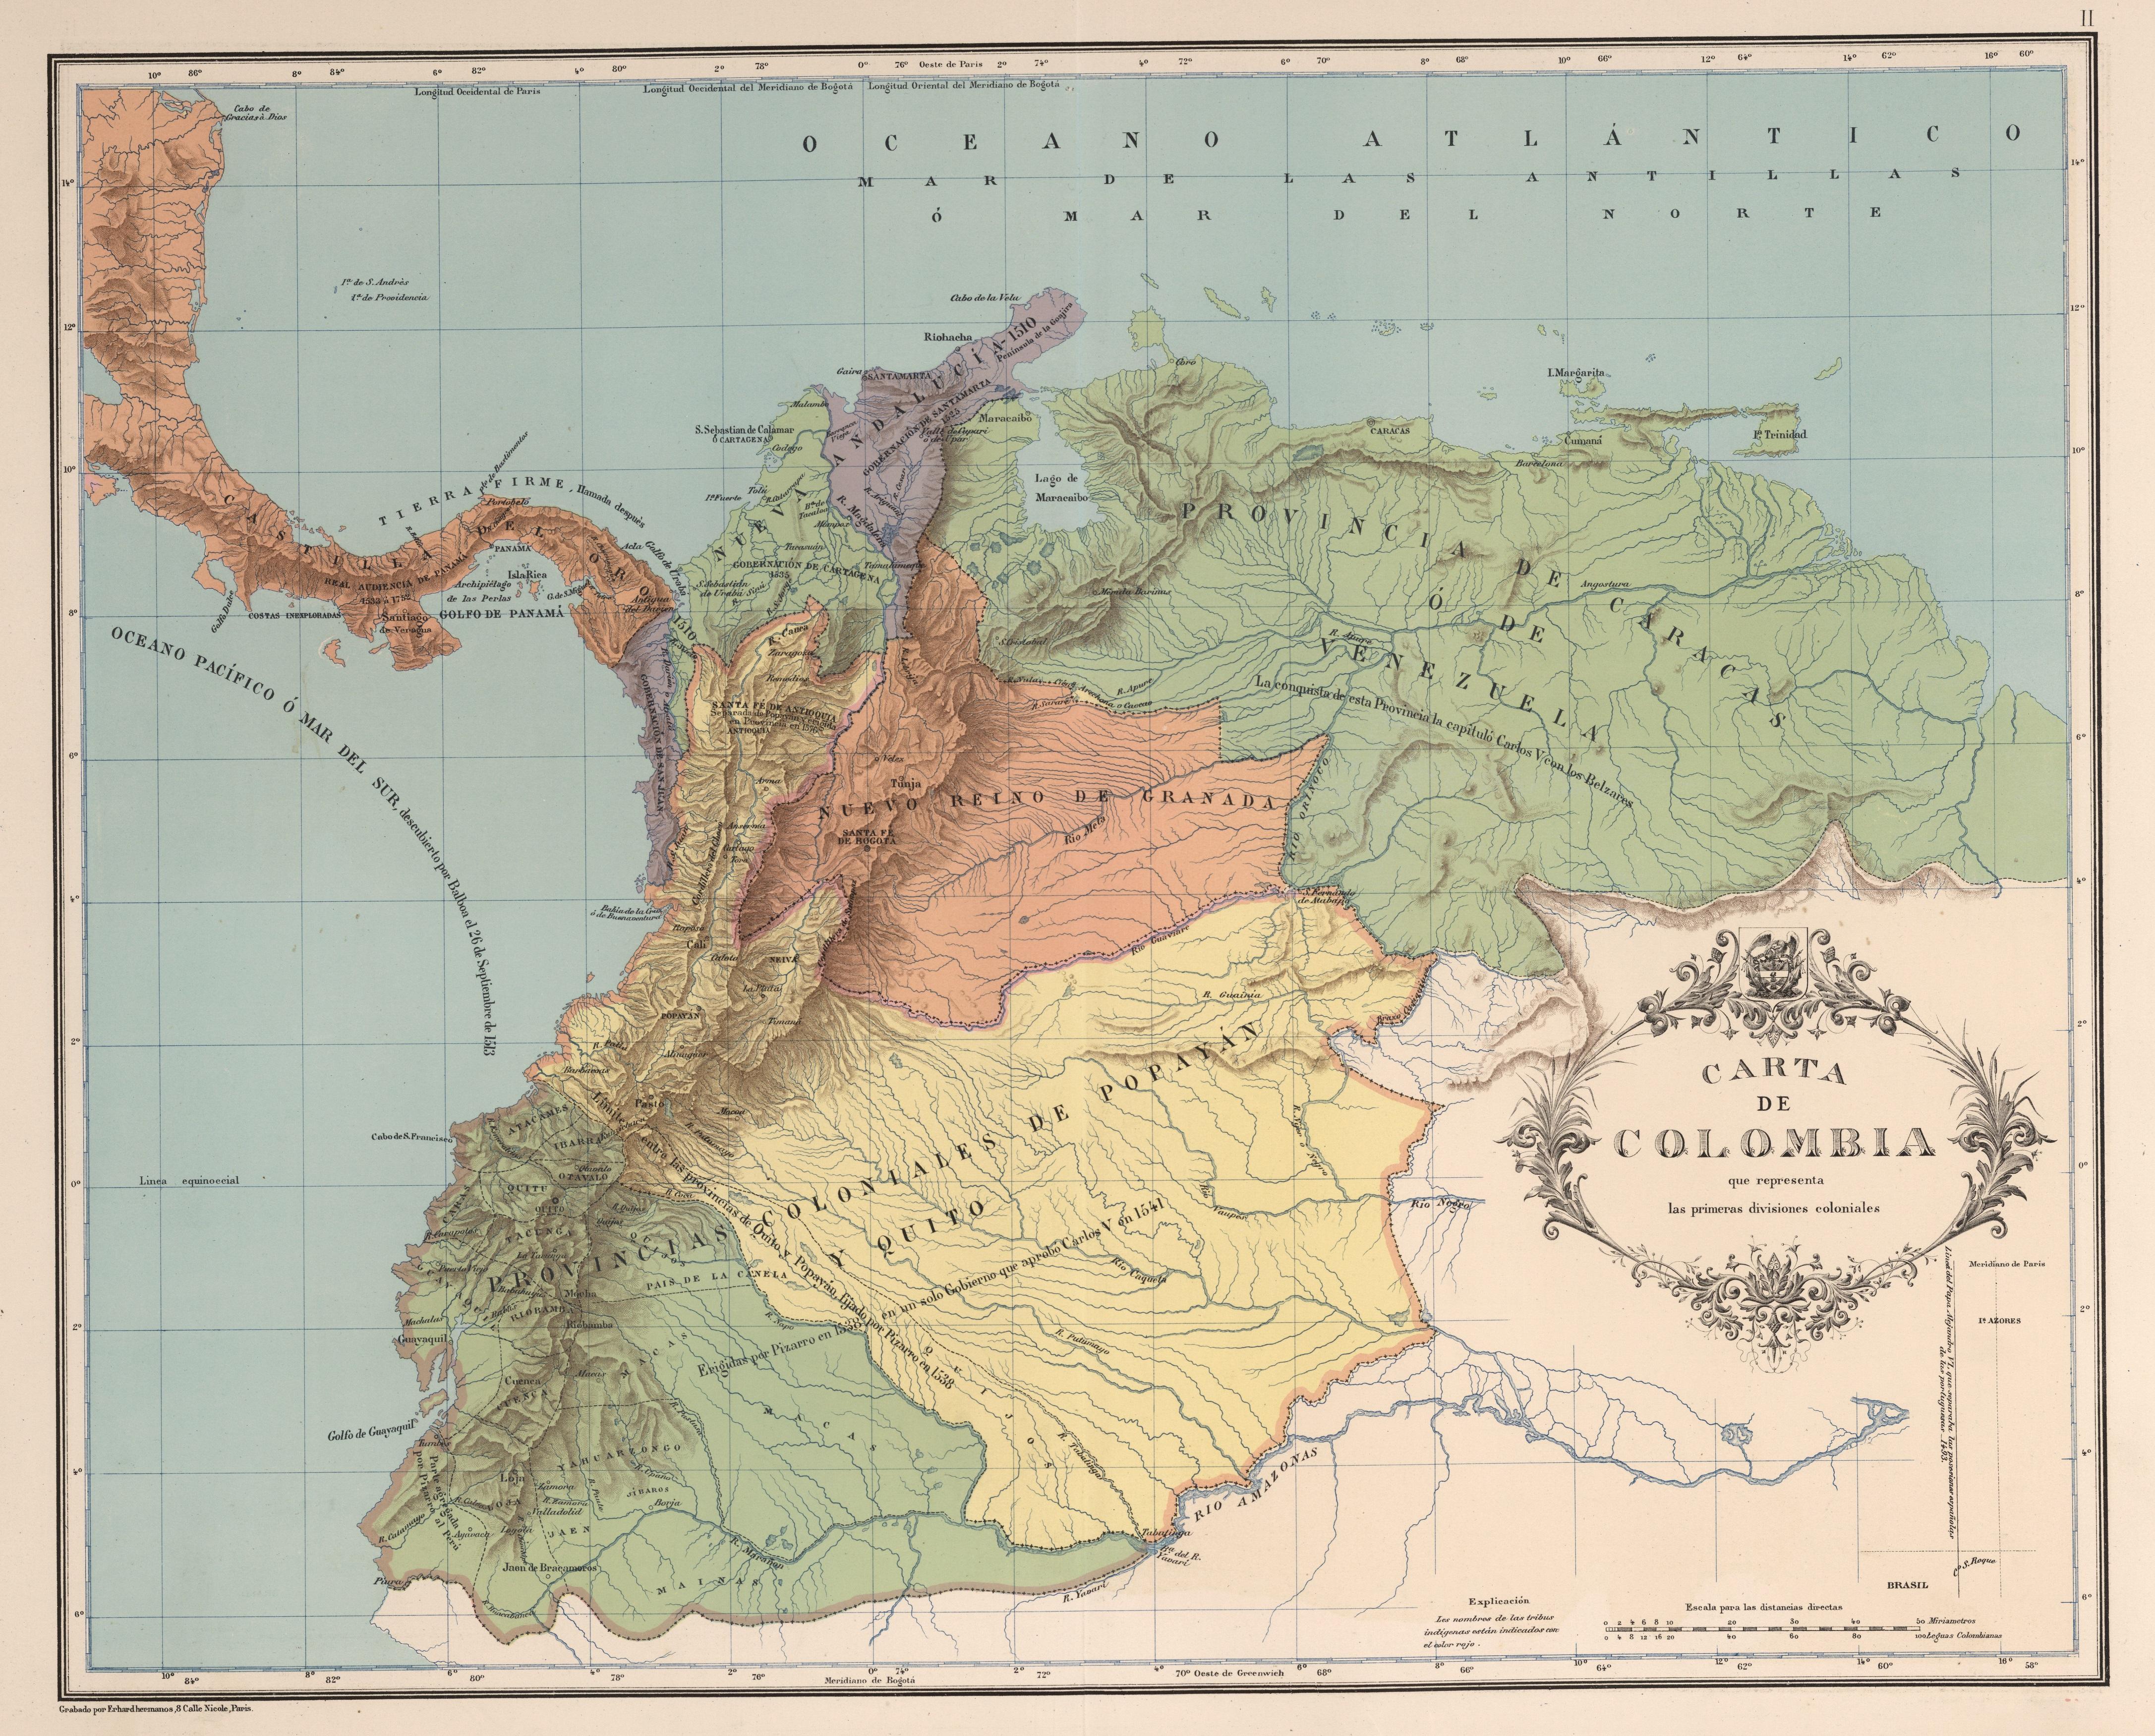 File:AGHRC (1890) - Carta II - Divisiones coloniales de Tierra Firme,